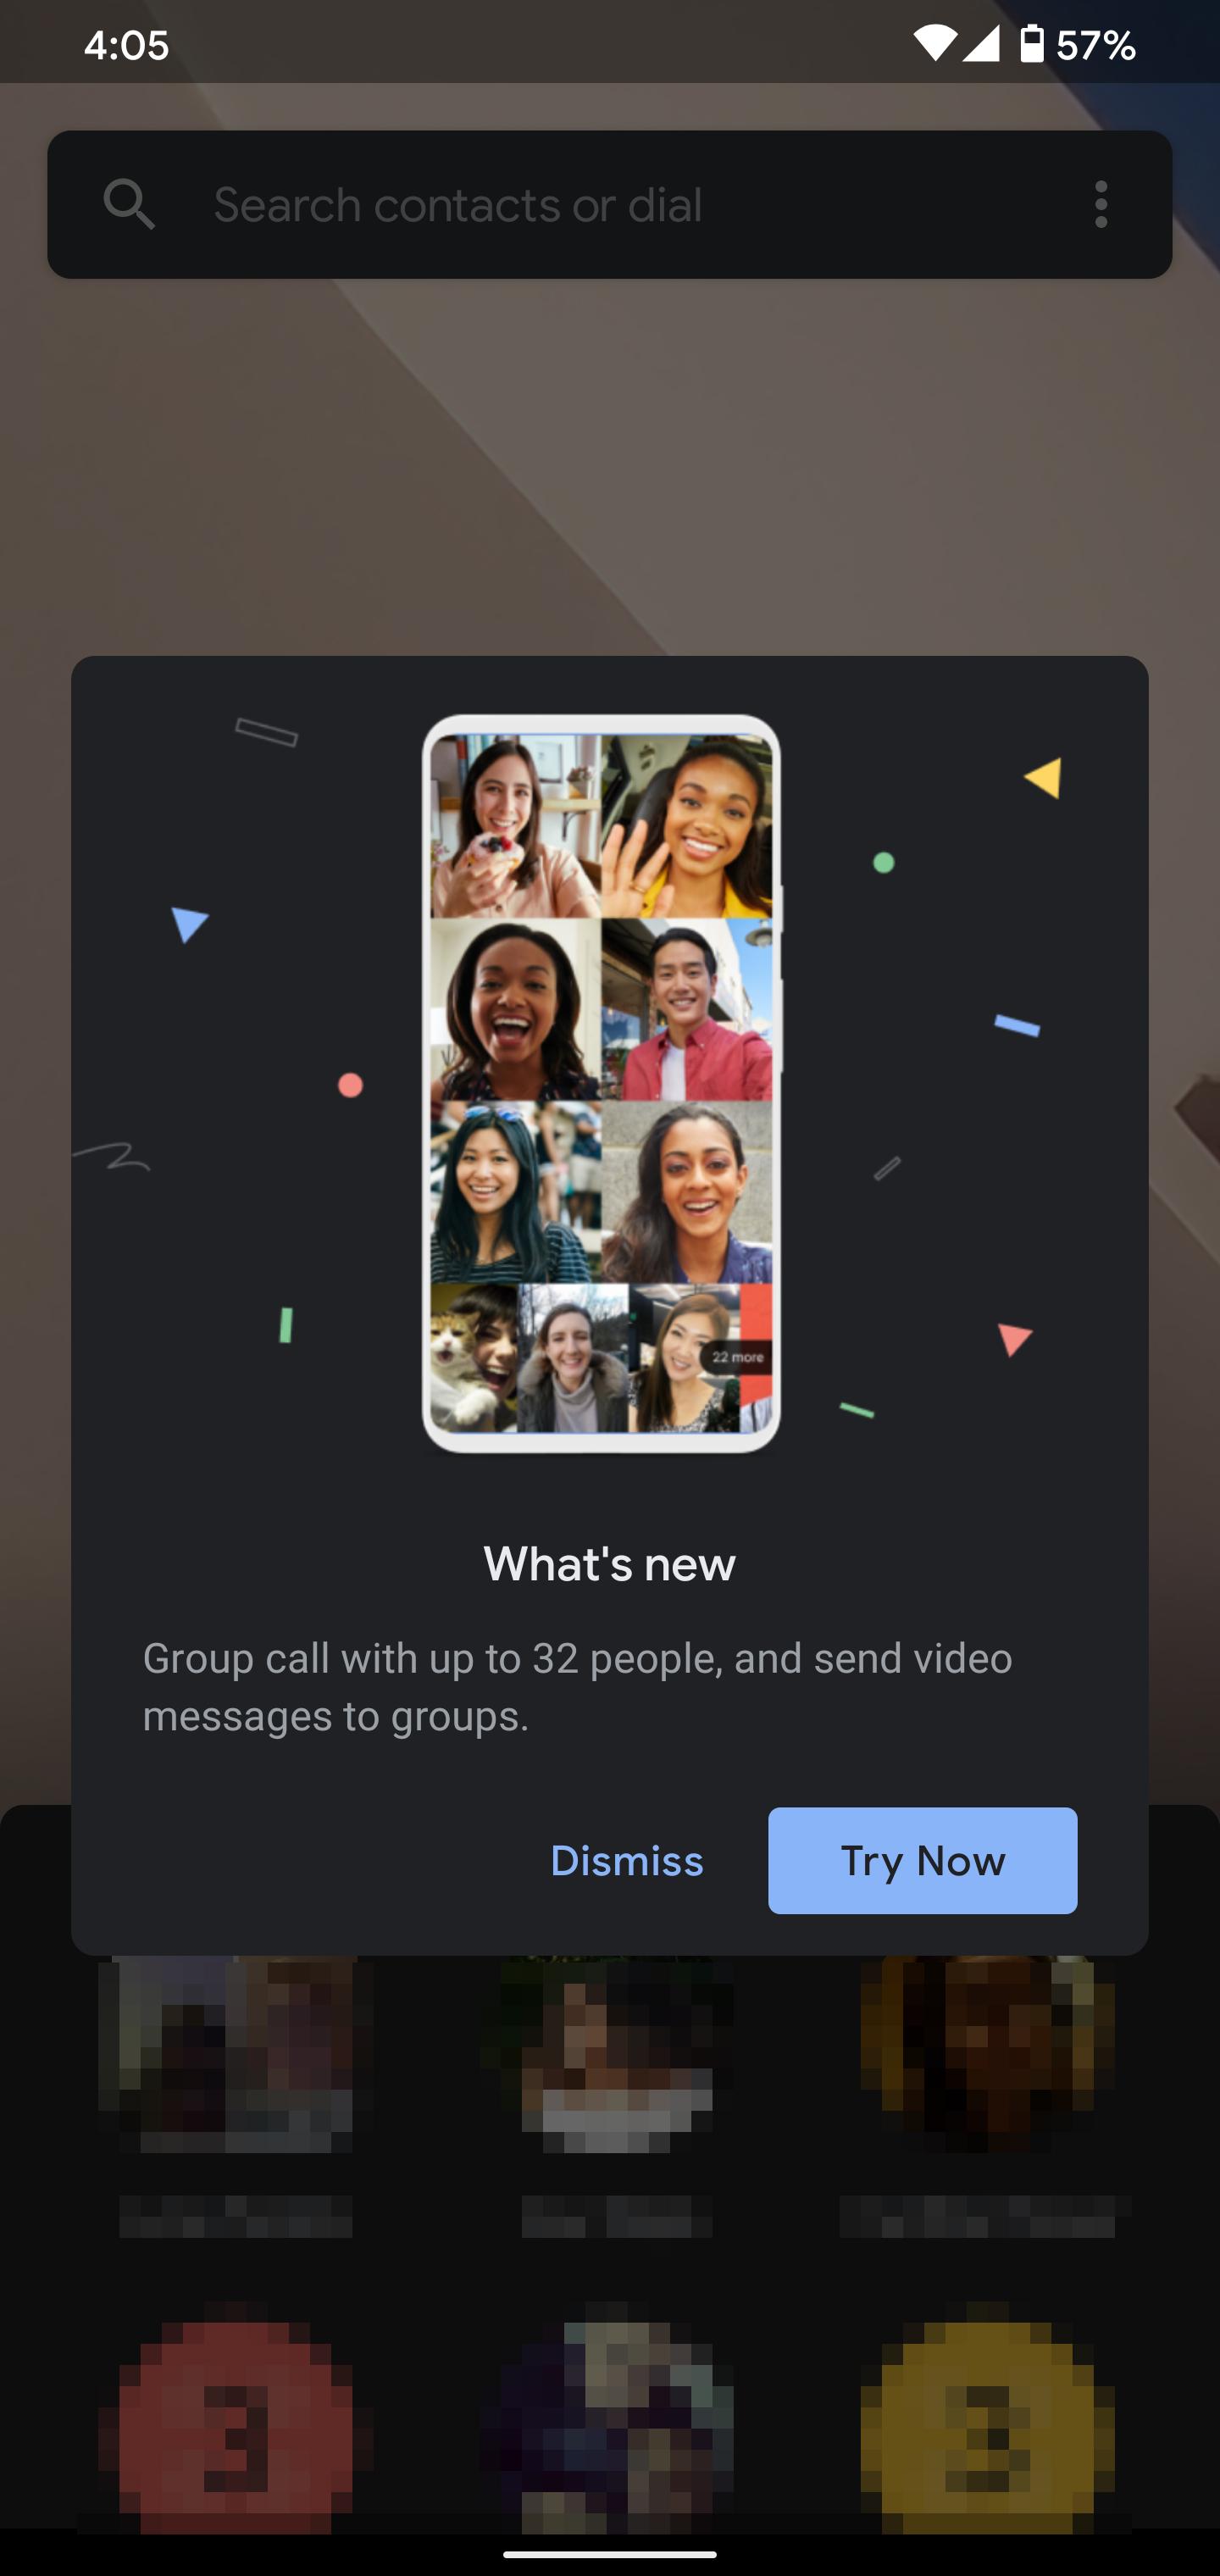 يعمل تطبيق Duo على أندرويد على توسيع المكالمات الجماعية إلى 32 مشترك